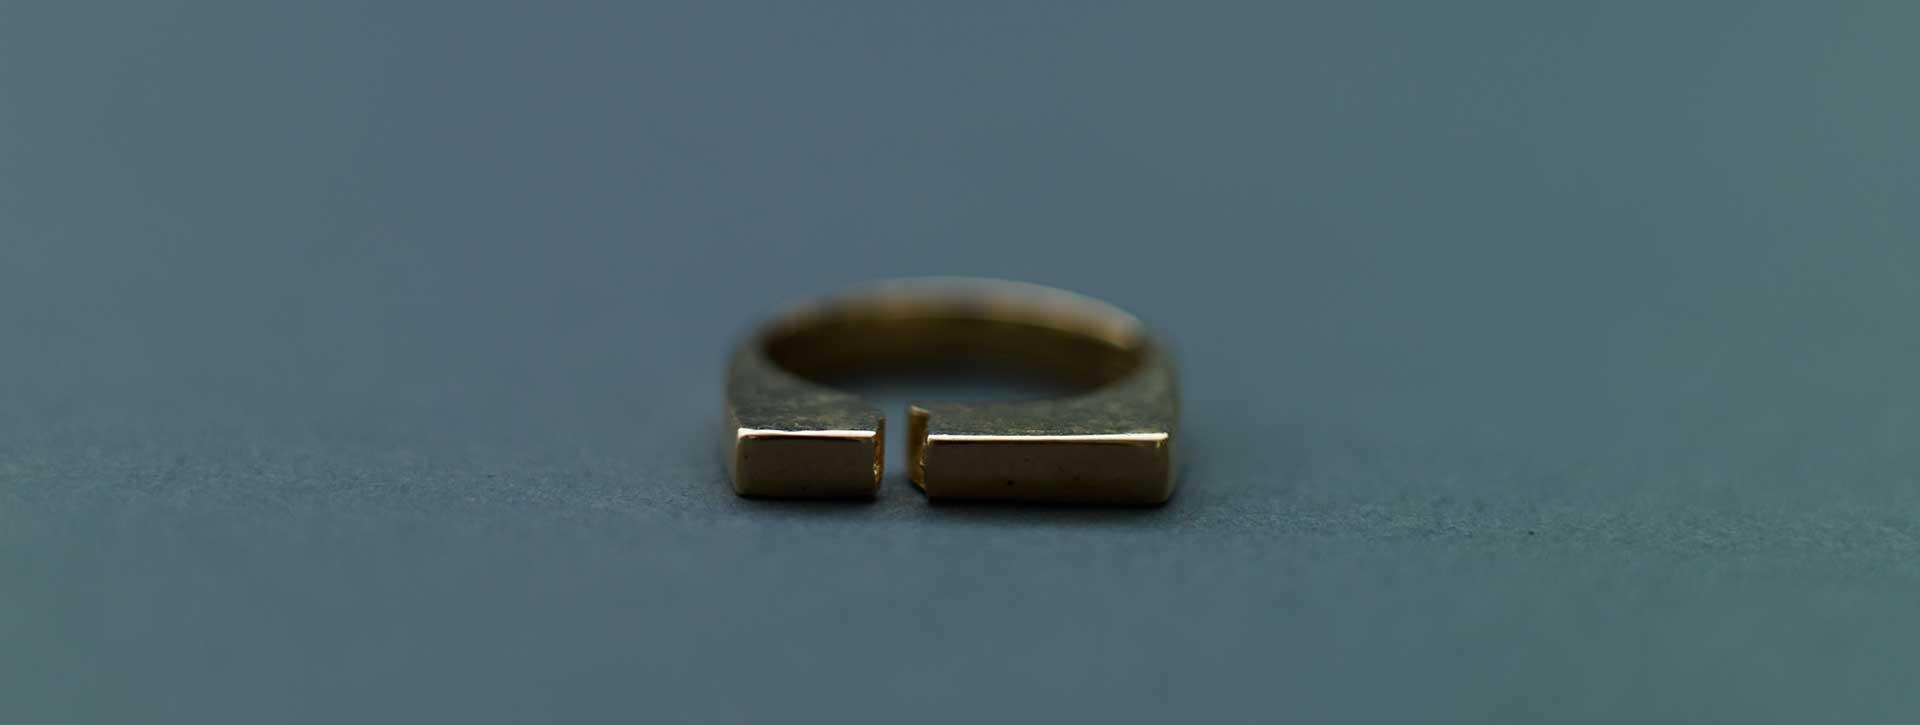 split ring 18k gold plated